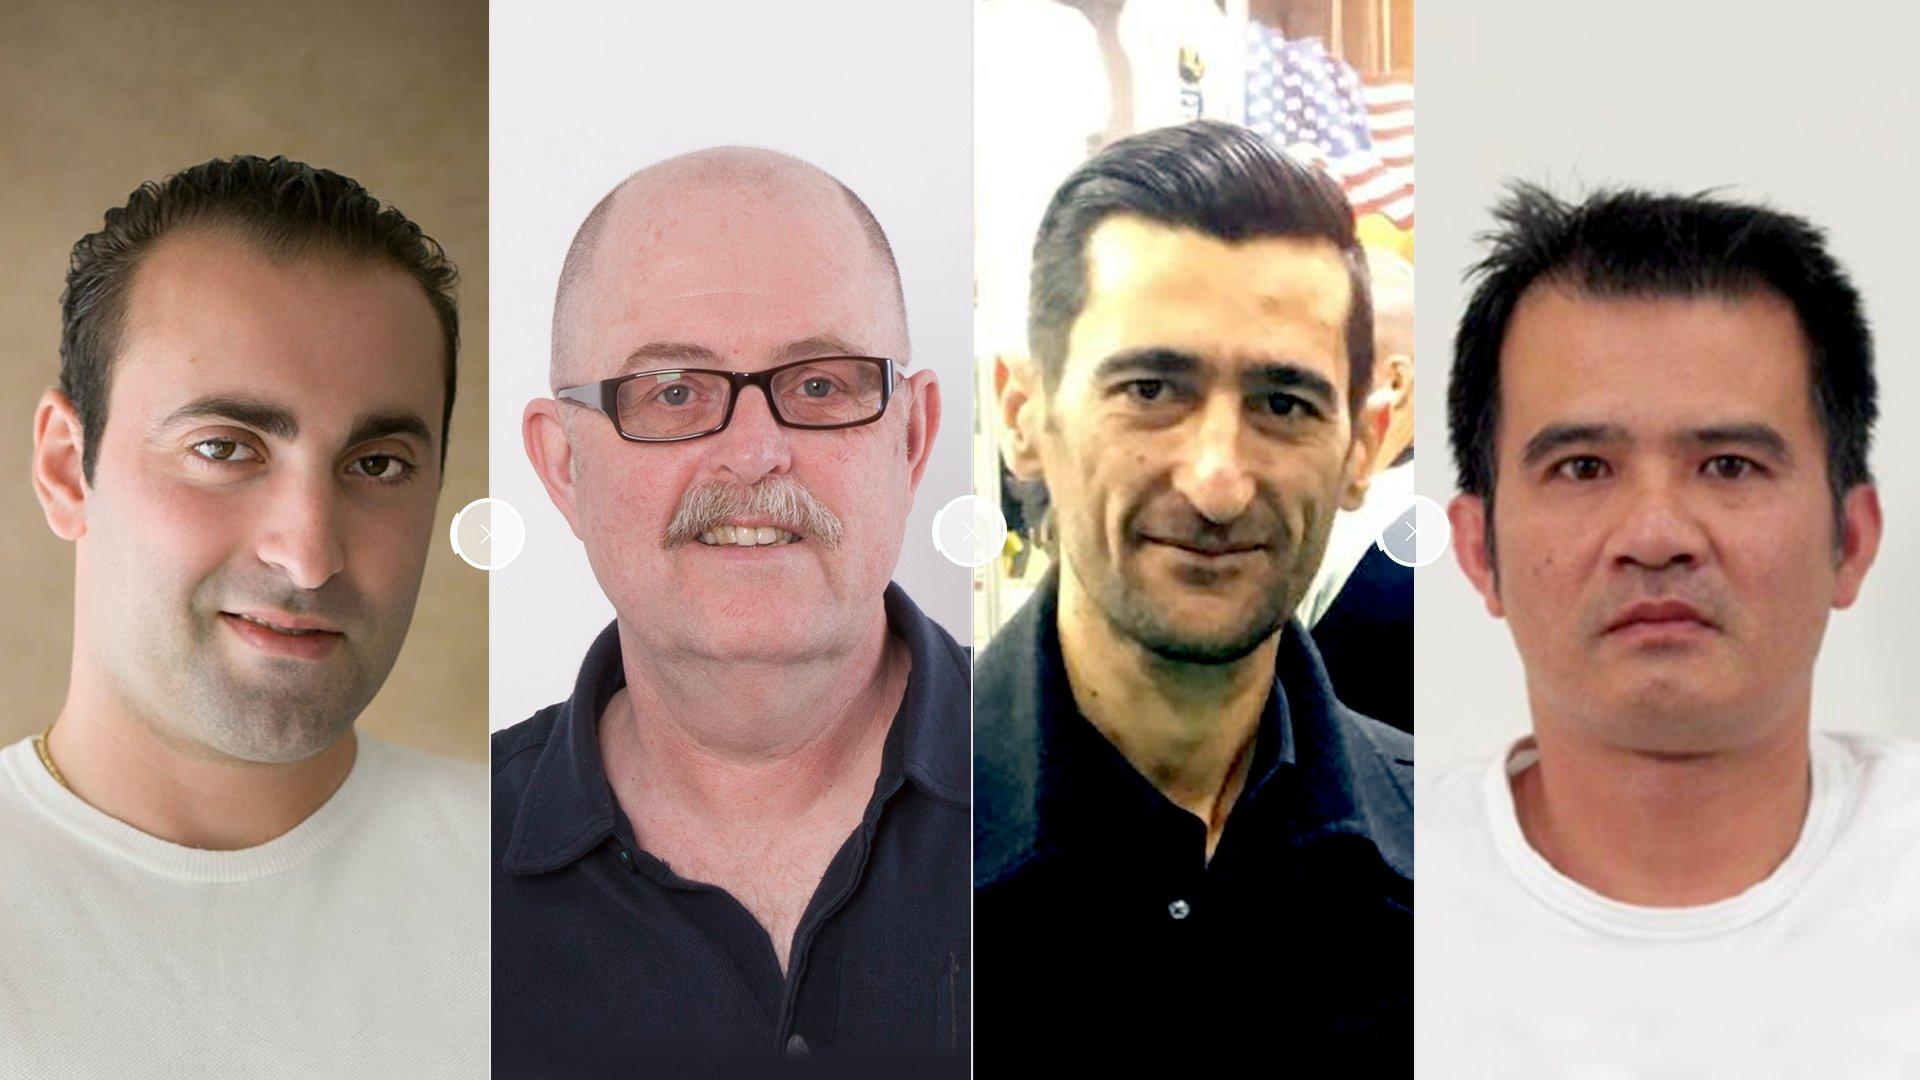 مقتل 4 أشخاص على يد أب وولديه والنيابة تطالب بالسجن المؤبد